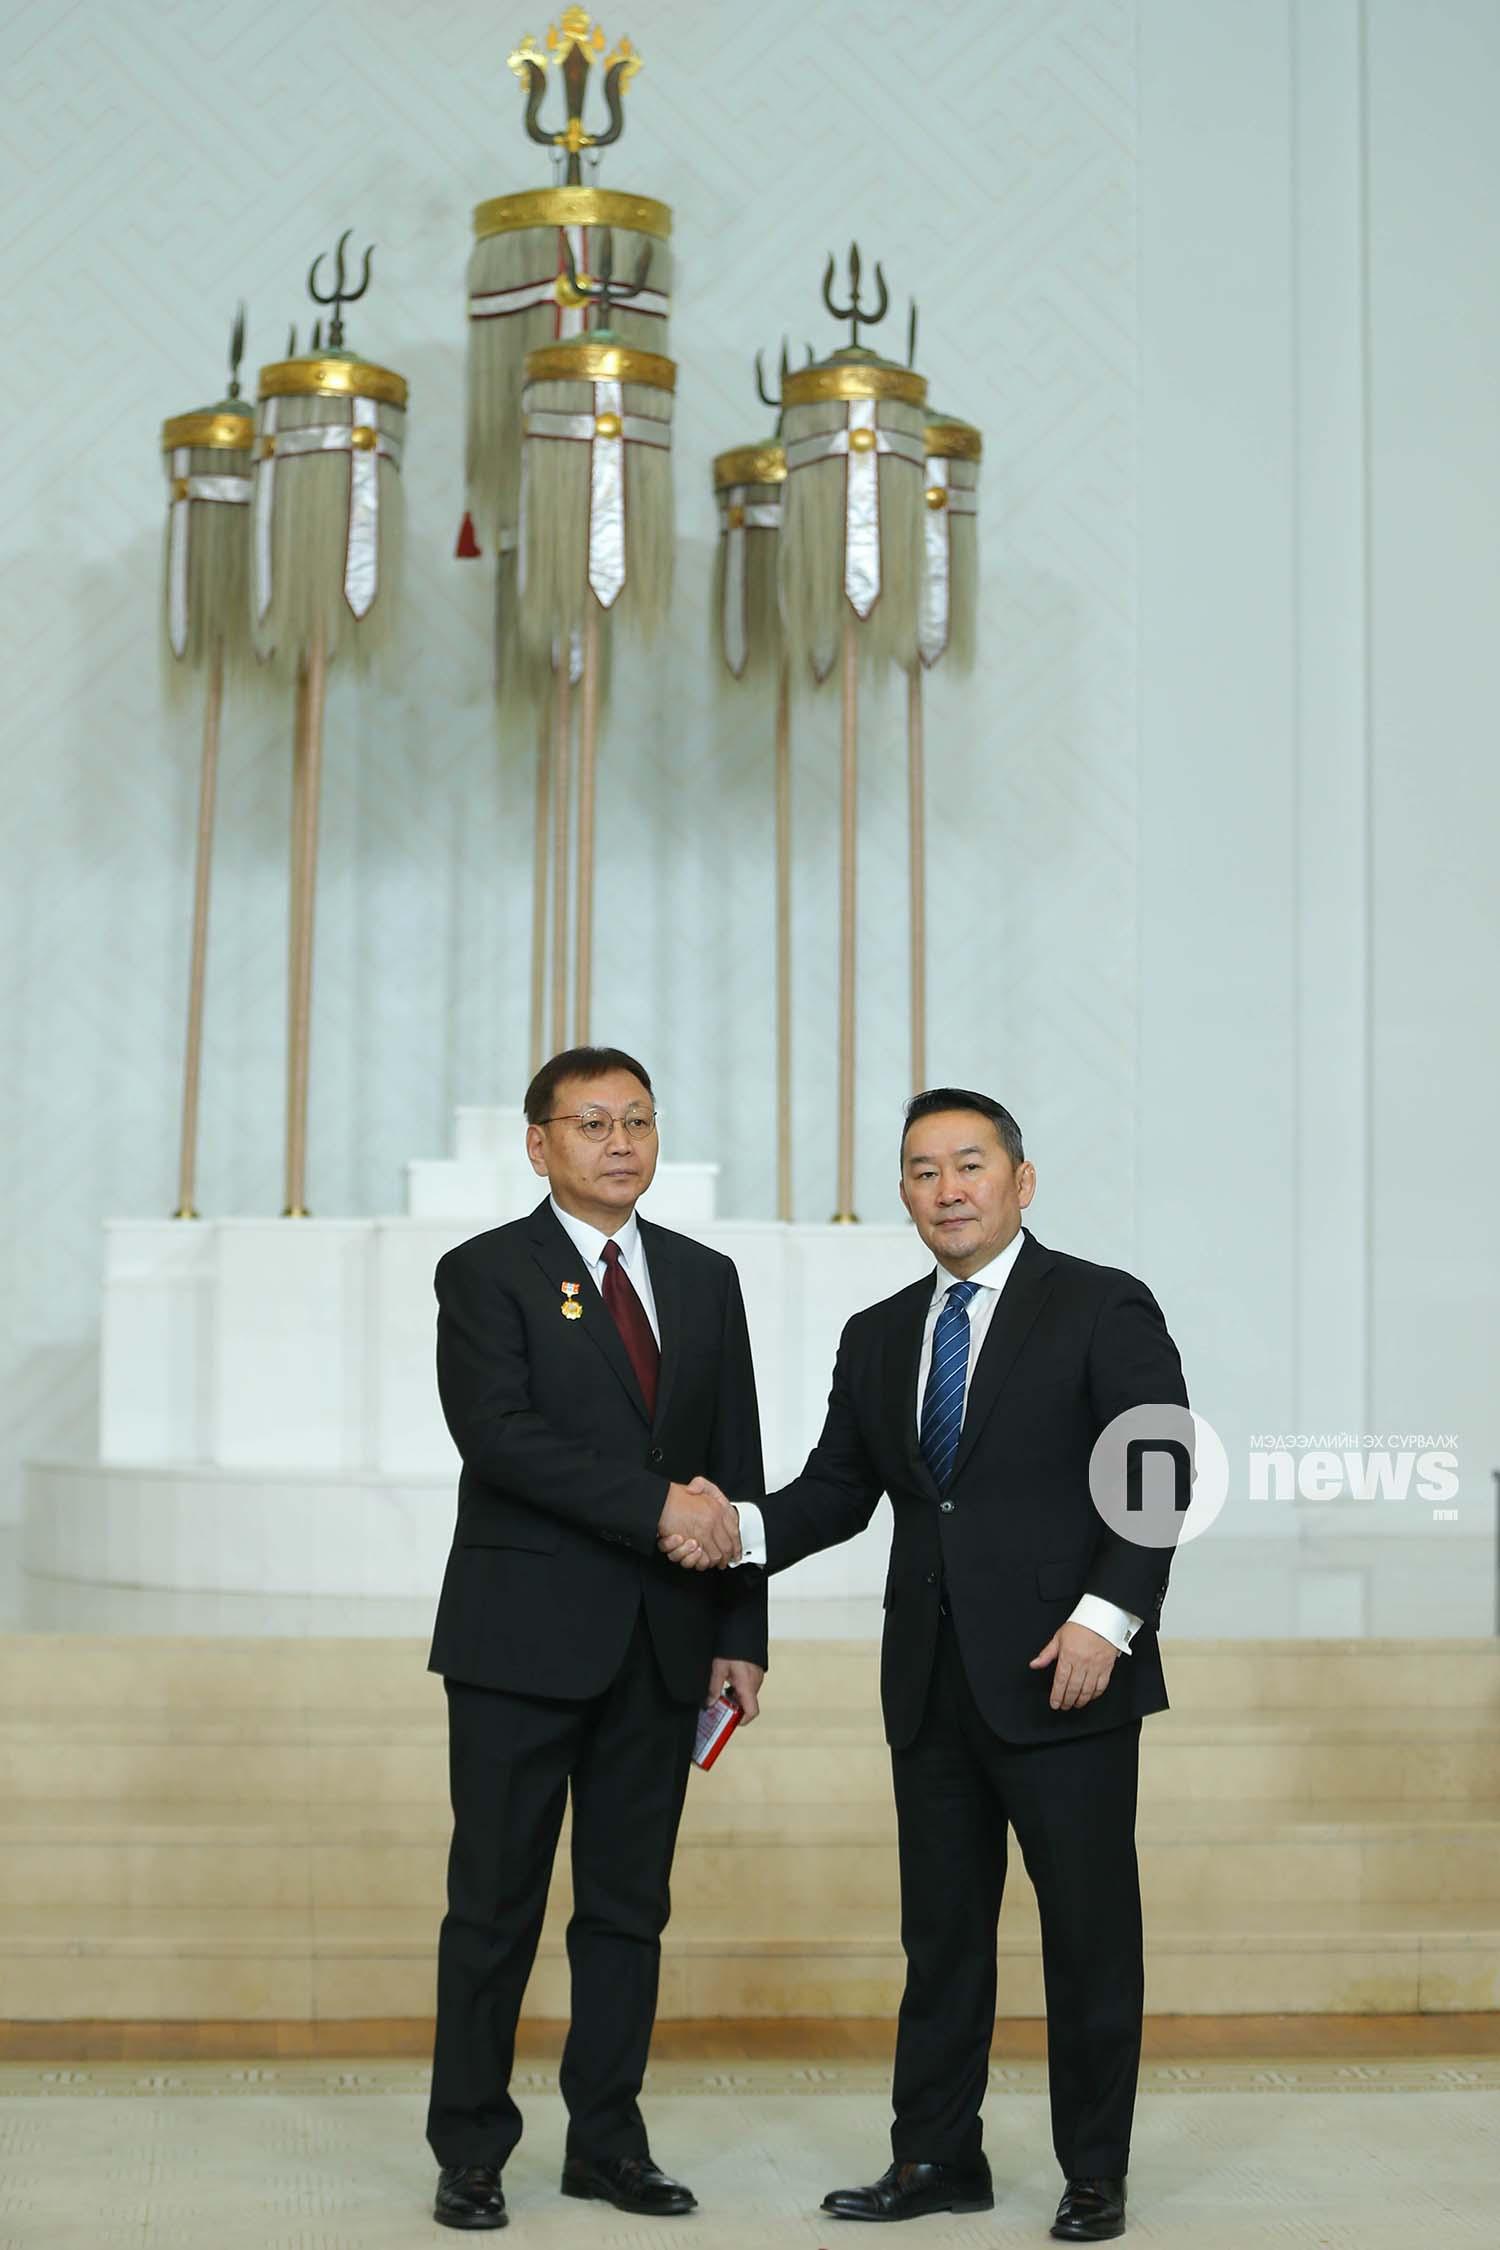 Монгол Улсын Ерөнхийлөгчийн зарлигаар Төрийн дээд одон, медаль гардуулах ёслол (1)